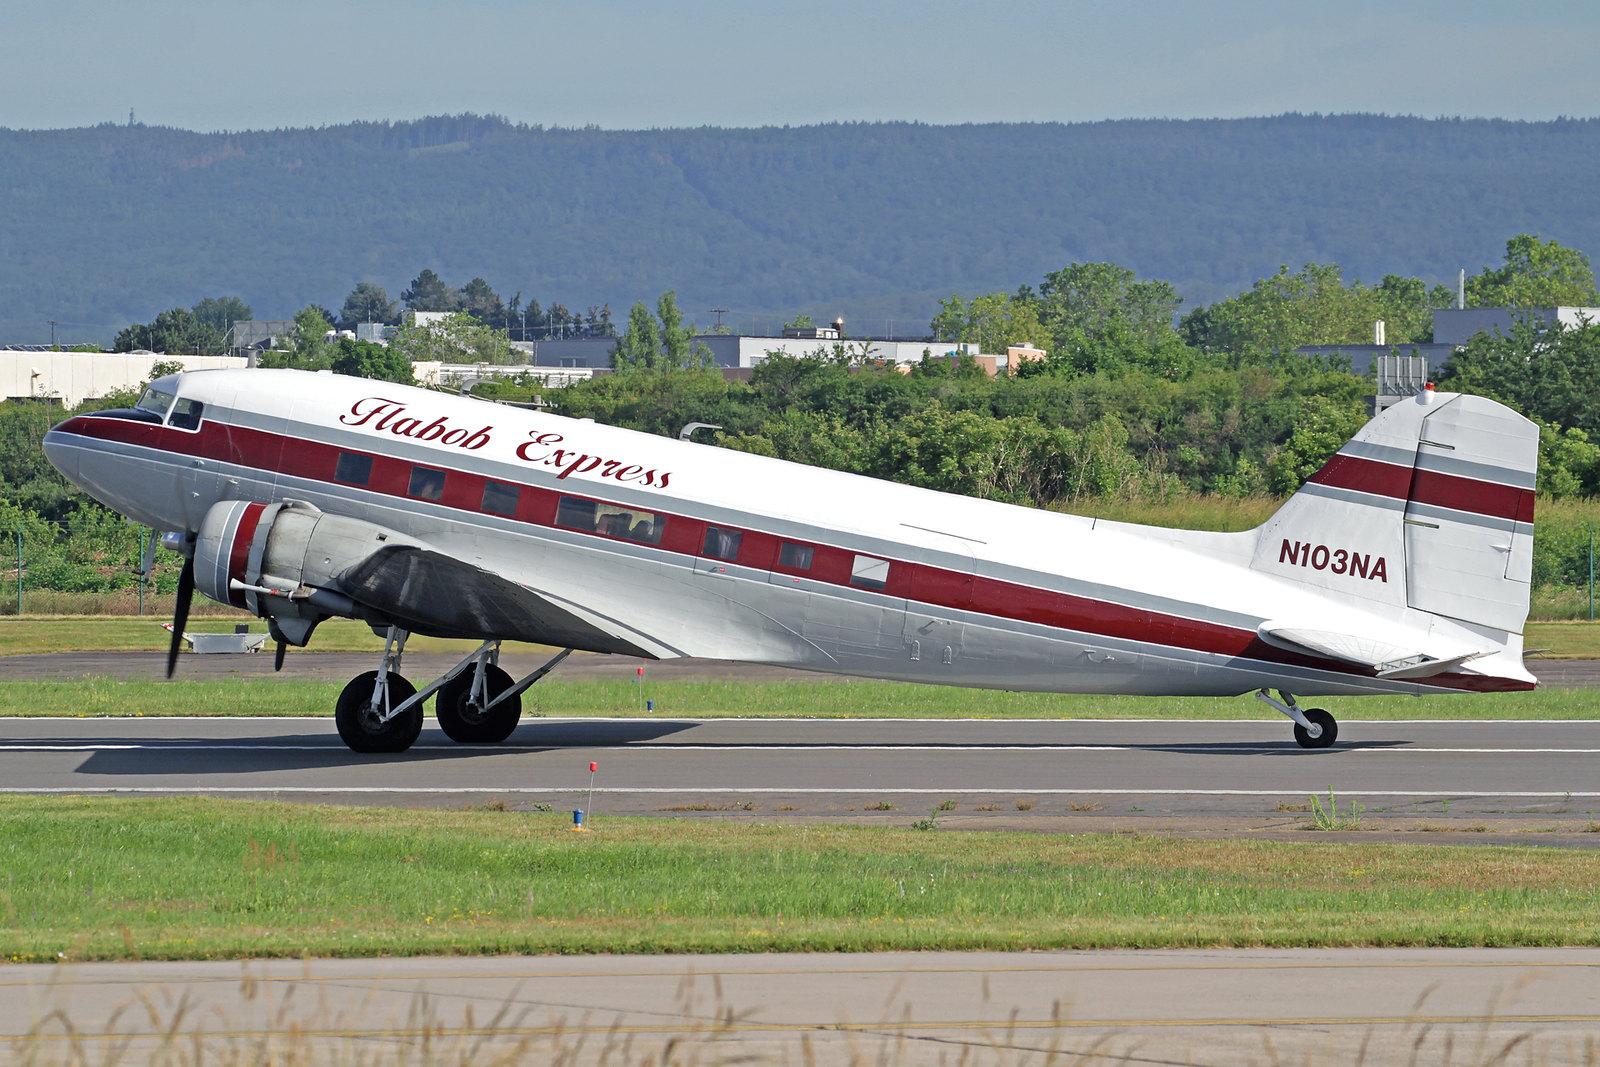 N103NA - Diese schöne Douglas DC-3 (s/n 9531) wurde 1943 in Long Beach als eine C-47A-30-DL hergestellt. Heute ist sie am Flabob Airport beheimatet (ein kleiner Flugplatz, etwa sechs Kilometer nordwestlich von Riverside, Kalifornien).